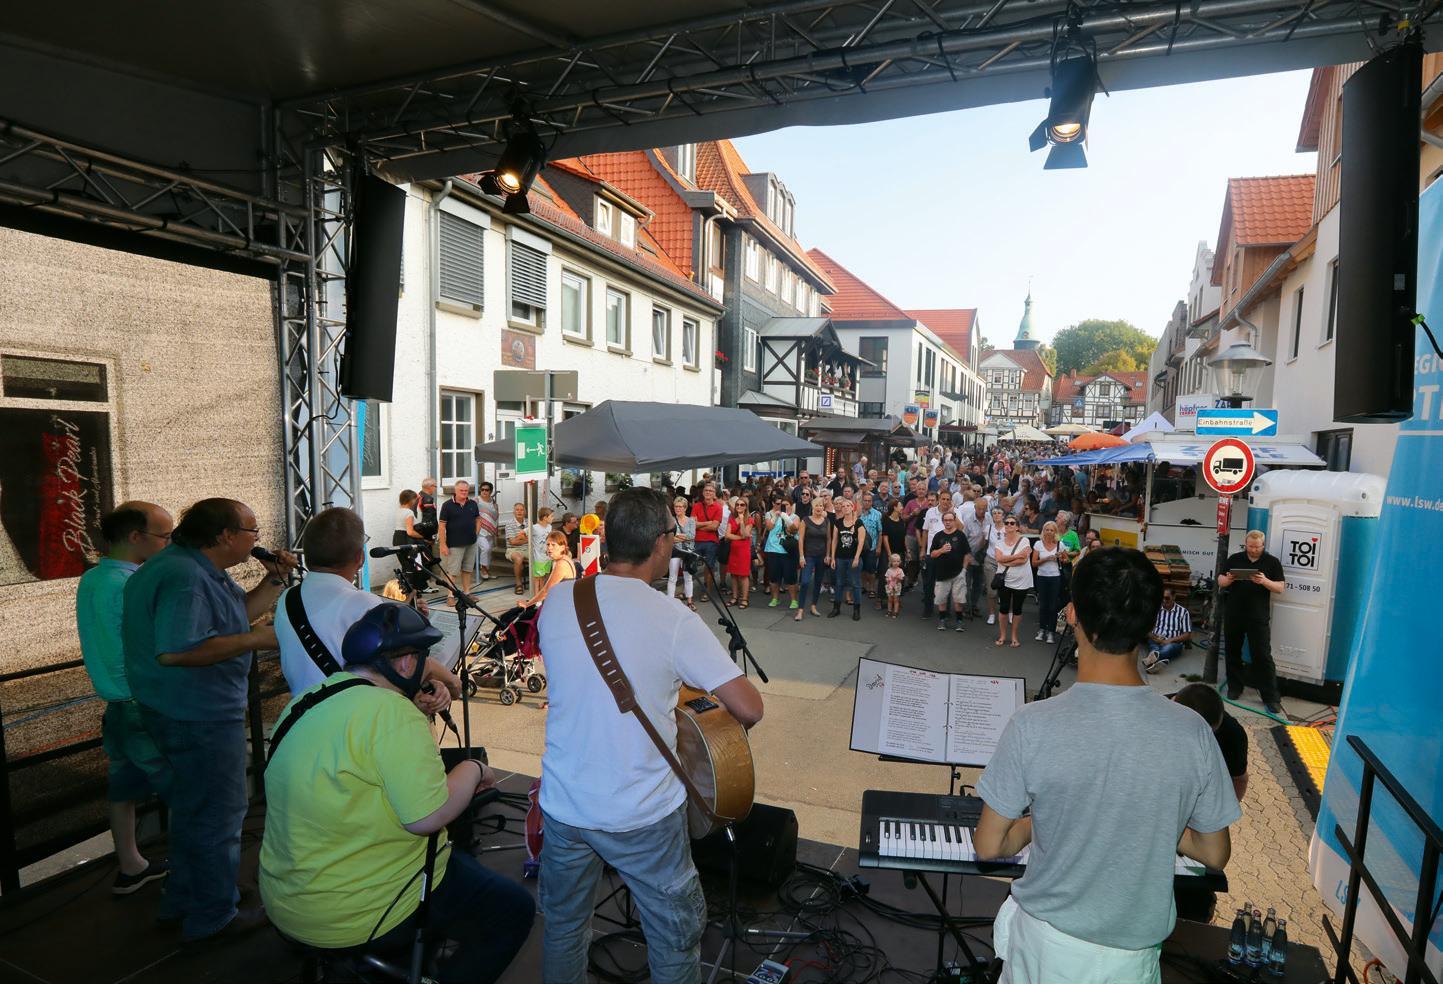 Ein Auftritt auf dem Altstadtfest in Fallersleben ist immer etwas ganz Besonderes – für die Musiker und fürs Publikum. © Boris Baschin